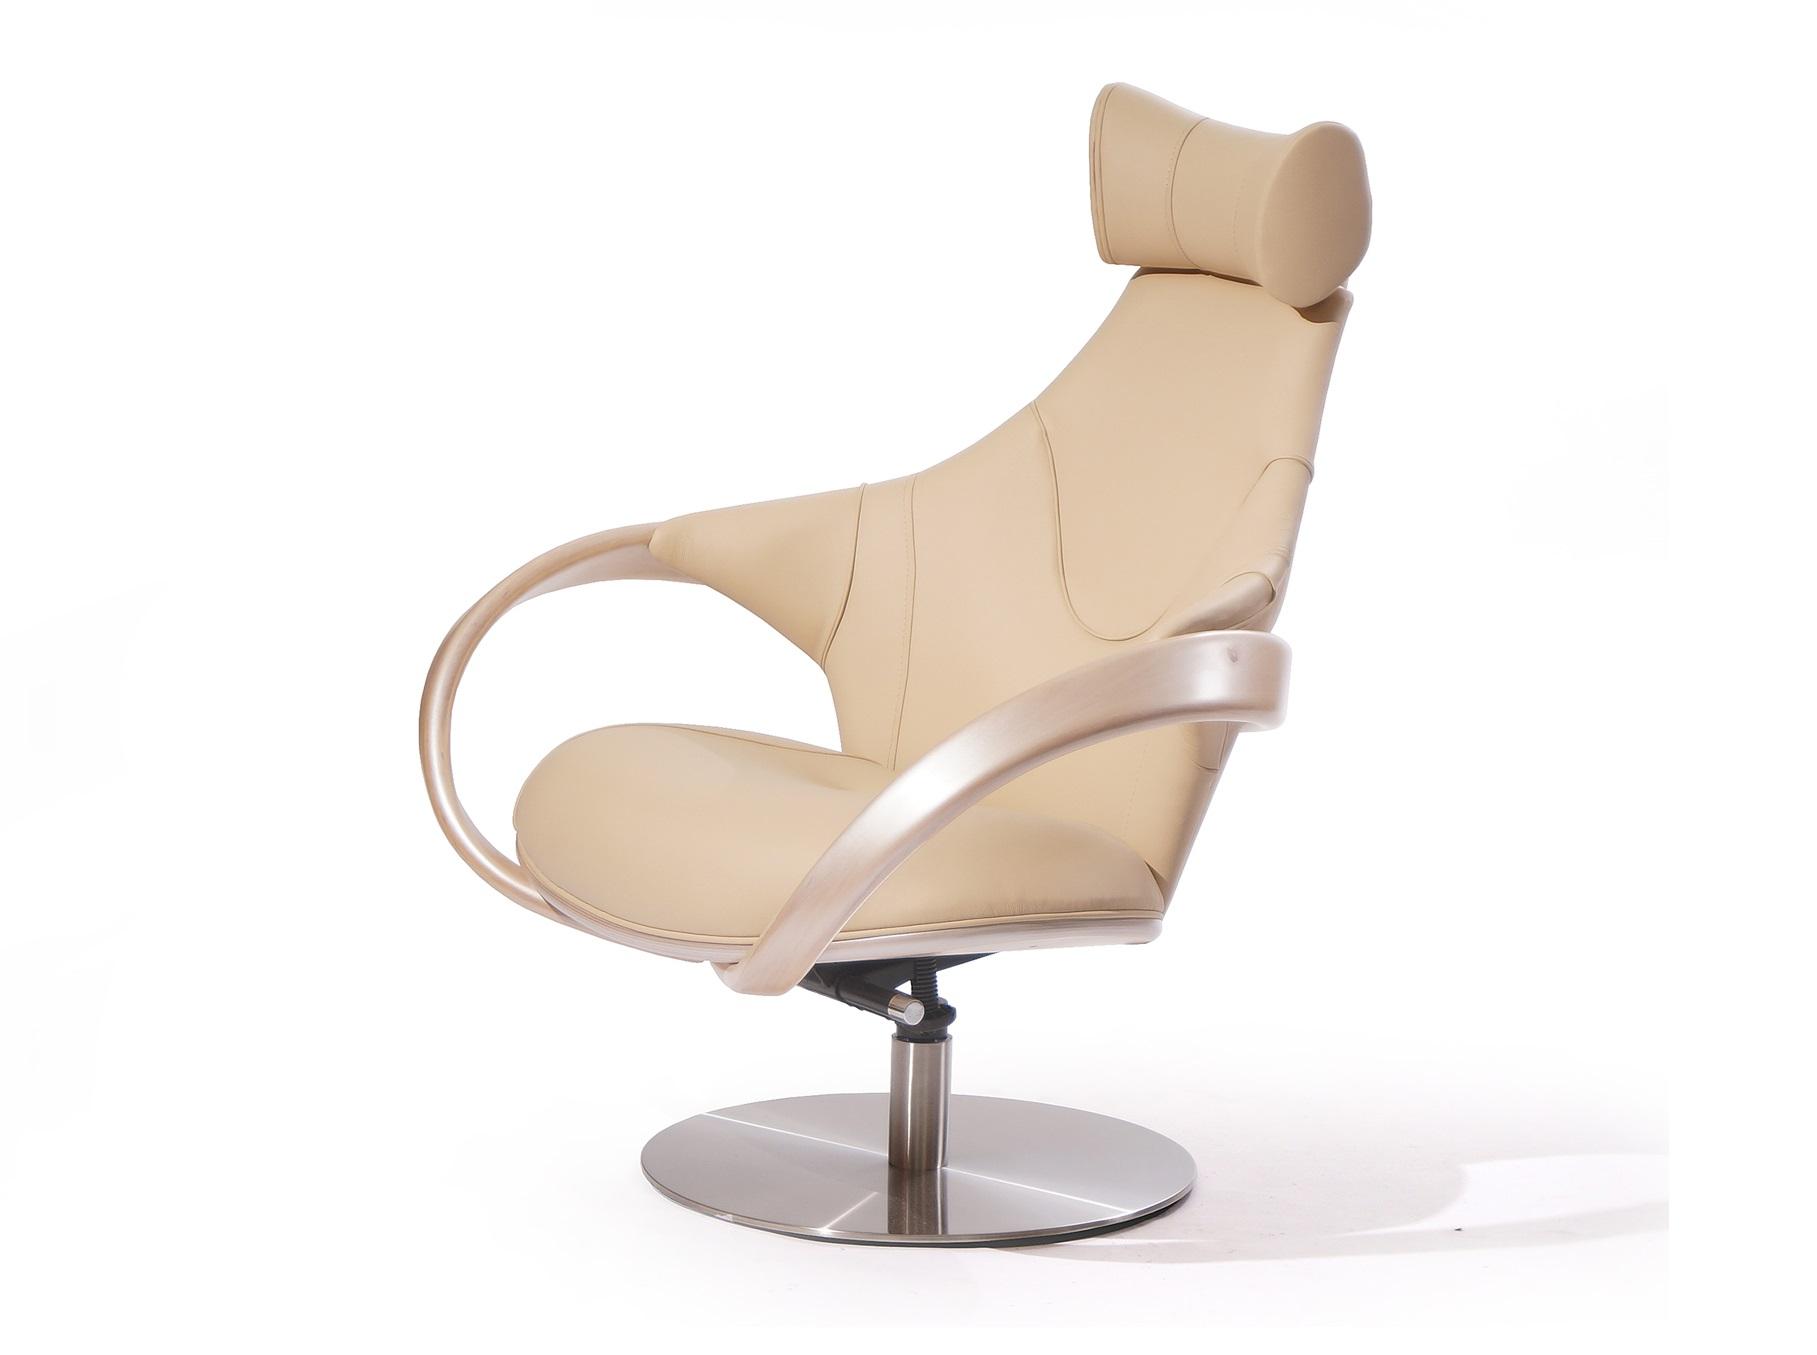 Кресло Apriori RКожаные кресла<br>&amp;lt;div&amp;gt;Удивительно удобное дизайнерское кресло с механизмом качения. Удачно дополнит комплект мягкой мебели в современную гостиную.&amp;amp;nbsp;&amp;lt;/div&amp;gt;&amp;lt;div&amp;gt;Материал: натуральное дерево, береза.&amp;lt;/div&amp;gt;&amp;lt;div&amp;gt;Обивка: натуральная кожа.&amp;lt;/div&amp;gt;<br><br>Material: Кожа<br>Length см: None<br>Width см: 85<br>Depth см: 102<br>Height см: 110